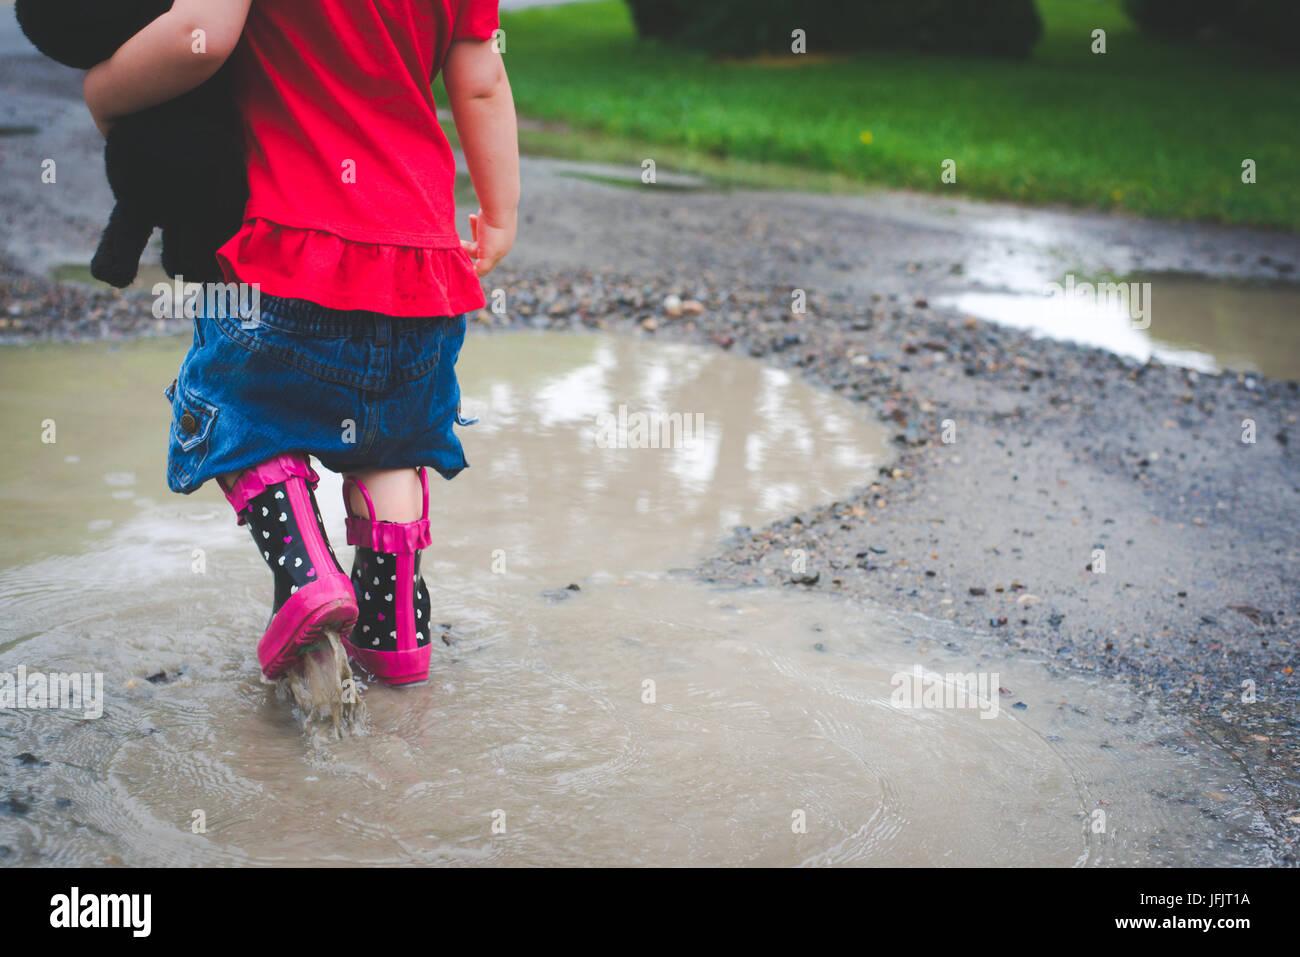 Ein junges Mädchen geht in eine Pfütze mit Regenstiefel auf rot trägt und hält einen kleinen Stockbild